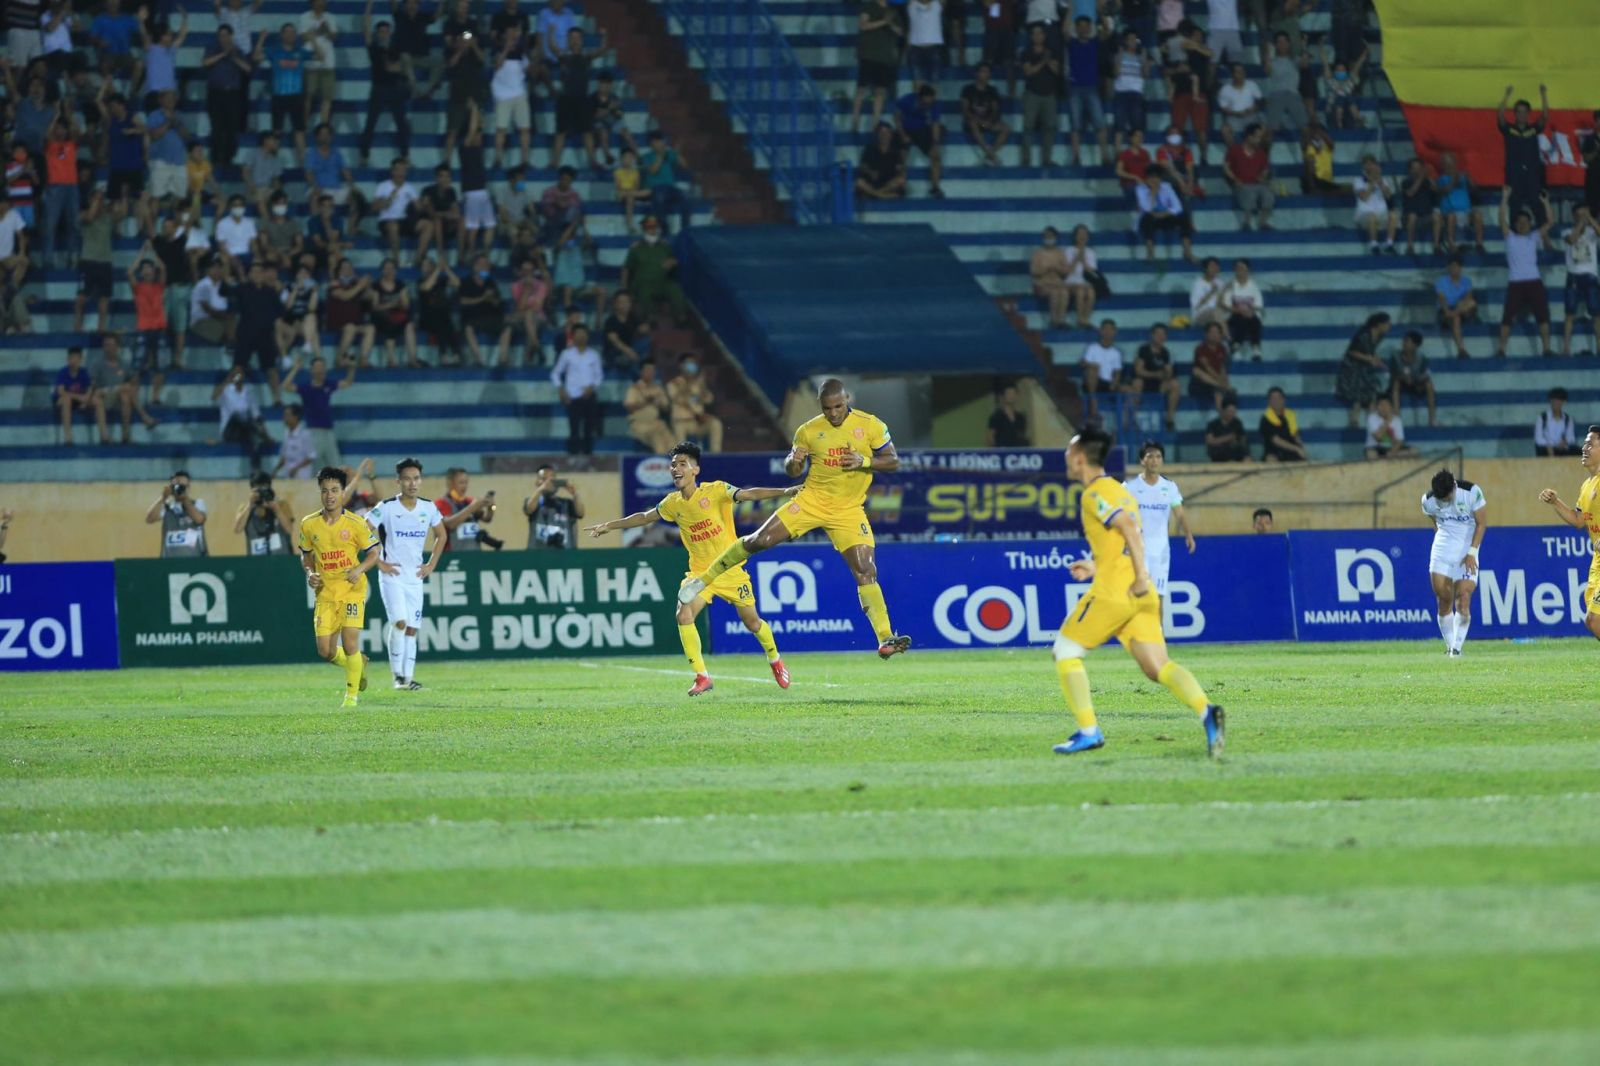 Niềm vui của Rafaelson sau khi ghi bàn thắng giúp DNH.NĐ dẫn trước